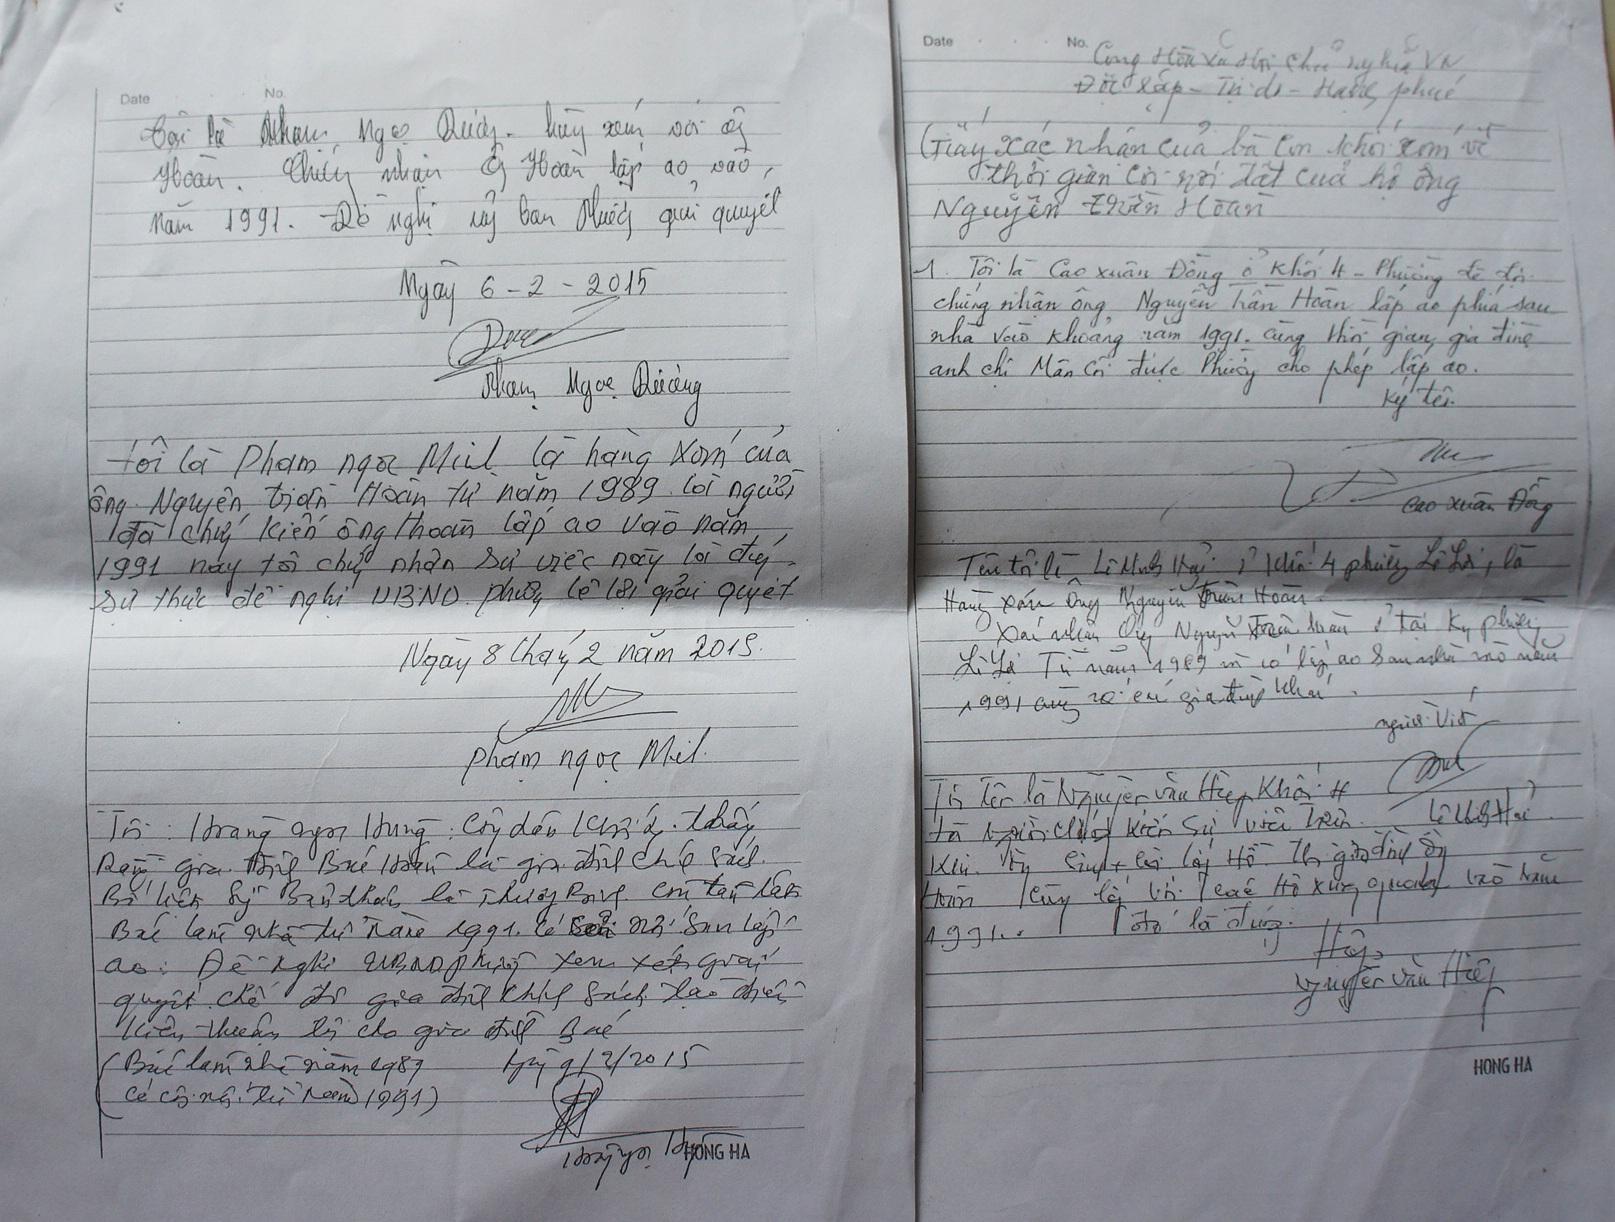 Xác nhận của người dân xung quanh về việc ông Hoàn cơi nới ao sau nhà trước thời điểm Luật Đất đai 1993 có hiệu lực.